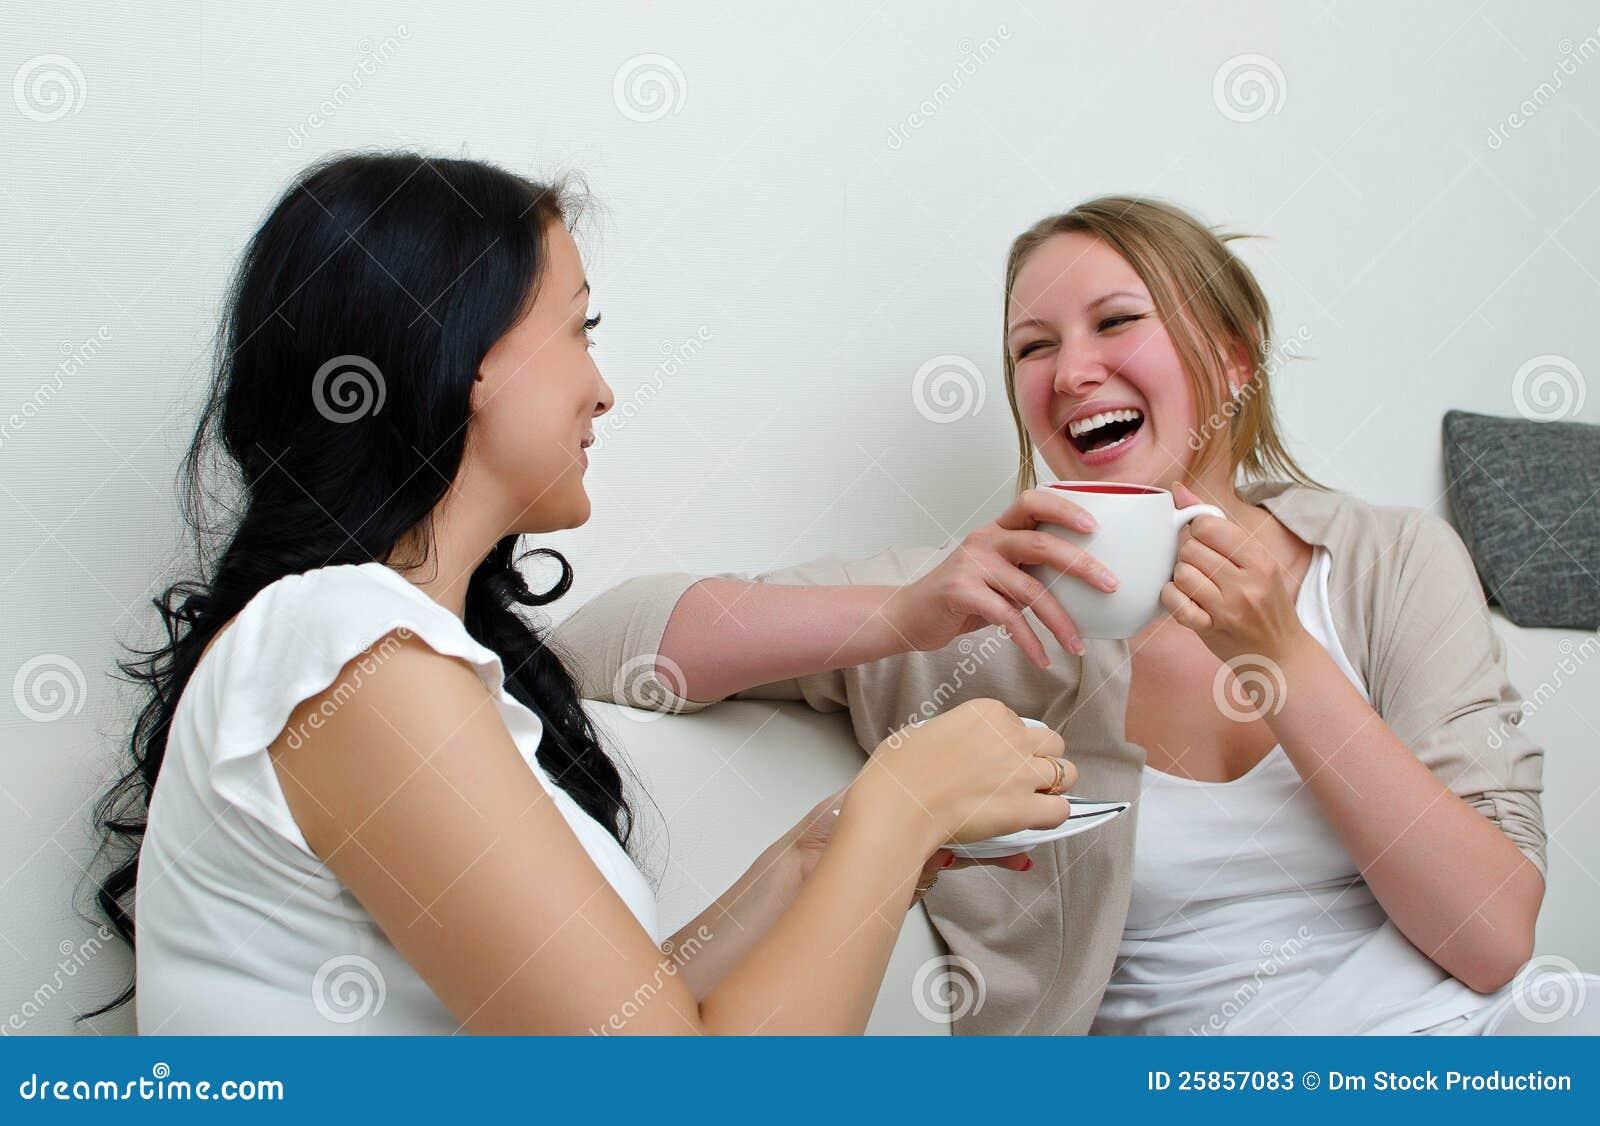 Фото две подружки в сперме, Фото сочных дырок подруги в сперме - Частные фото 20 фотография